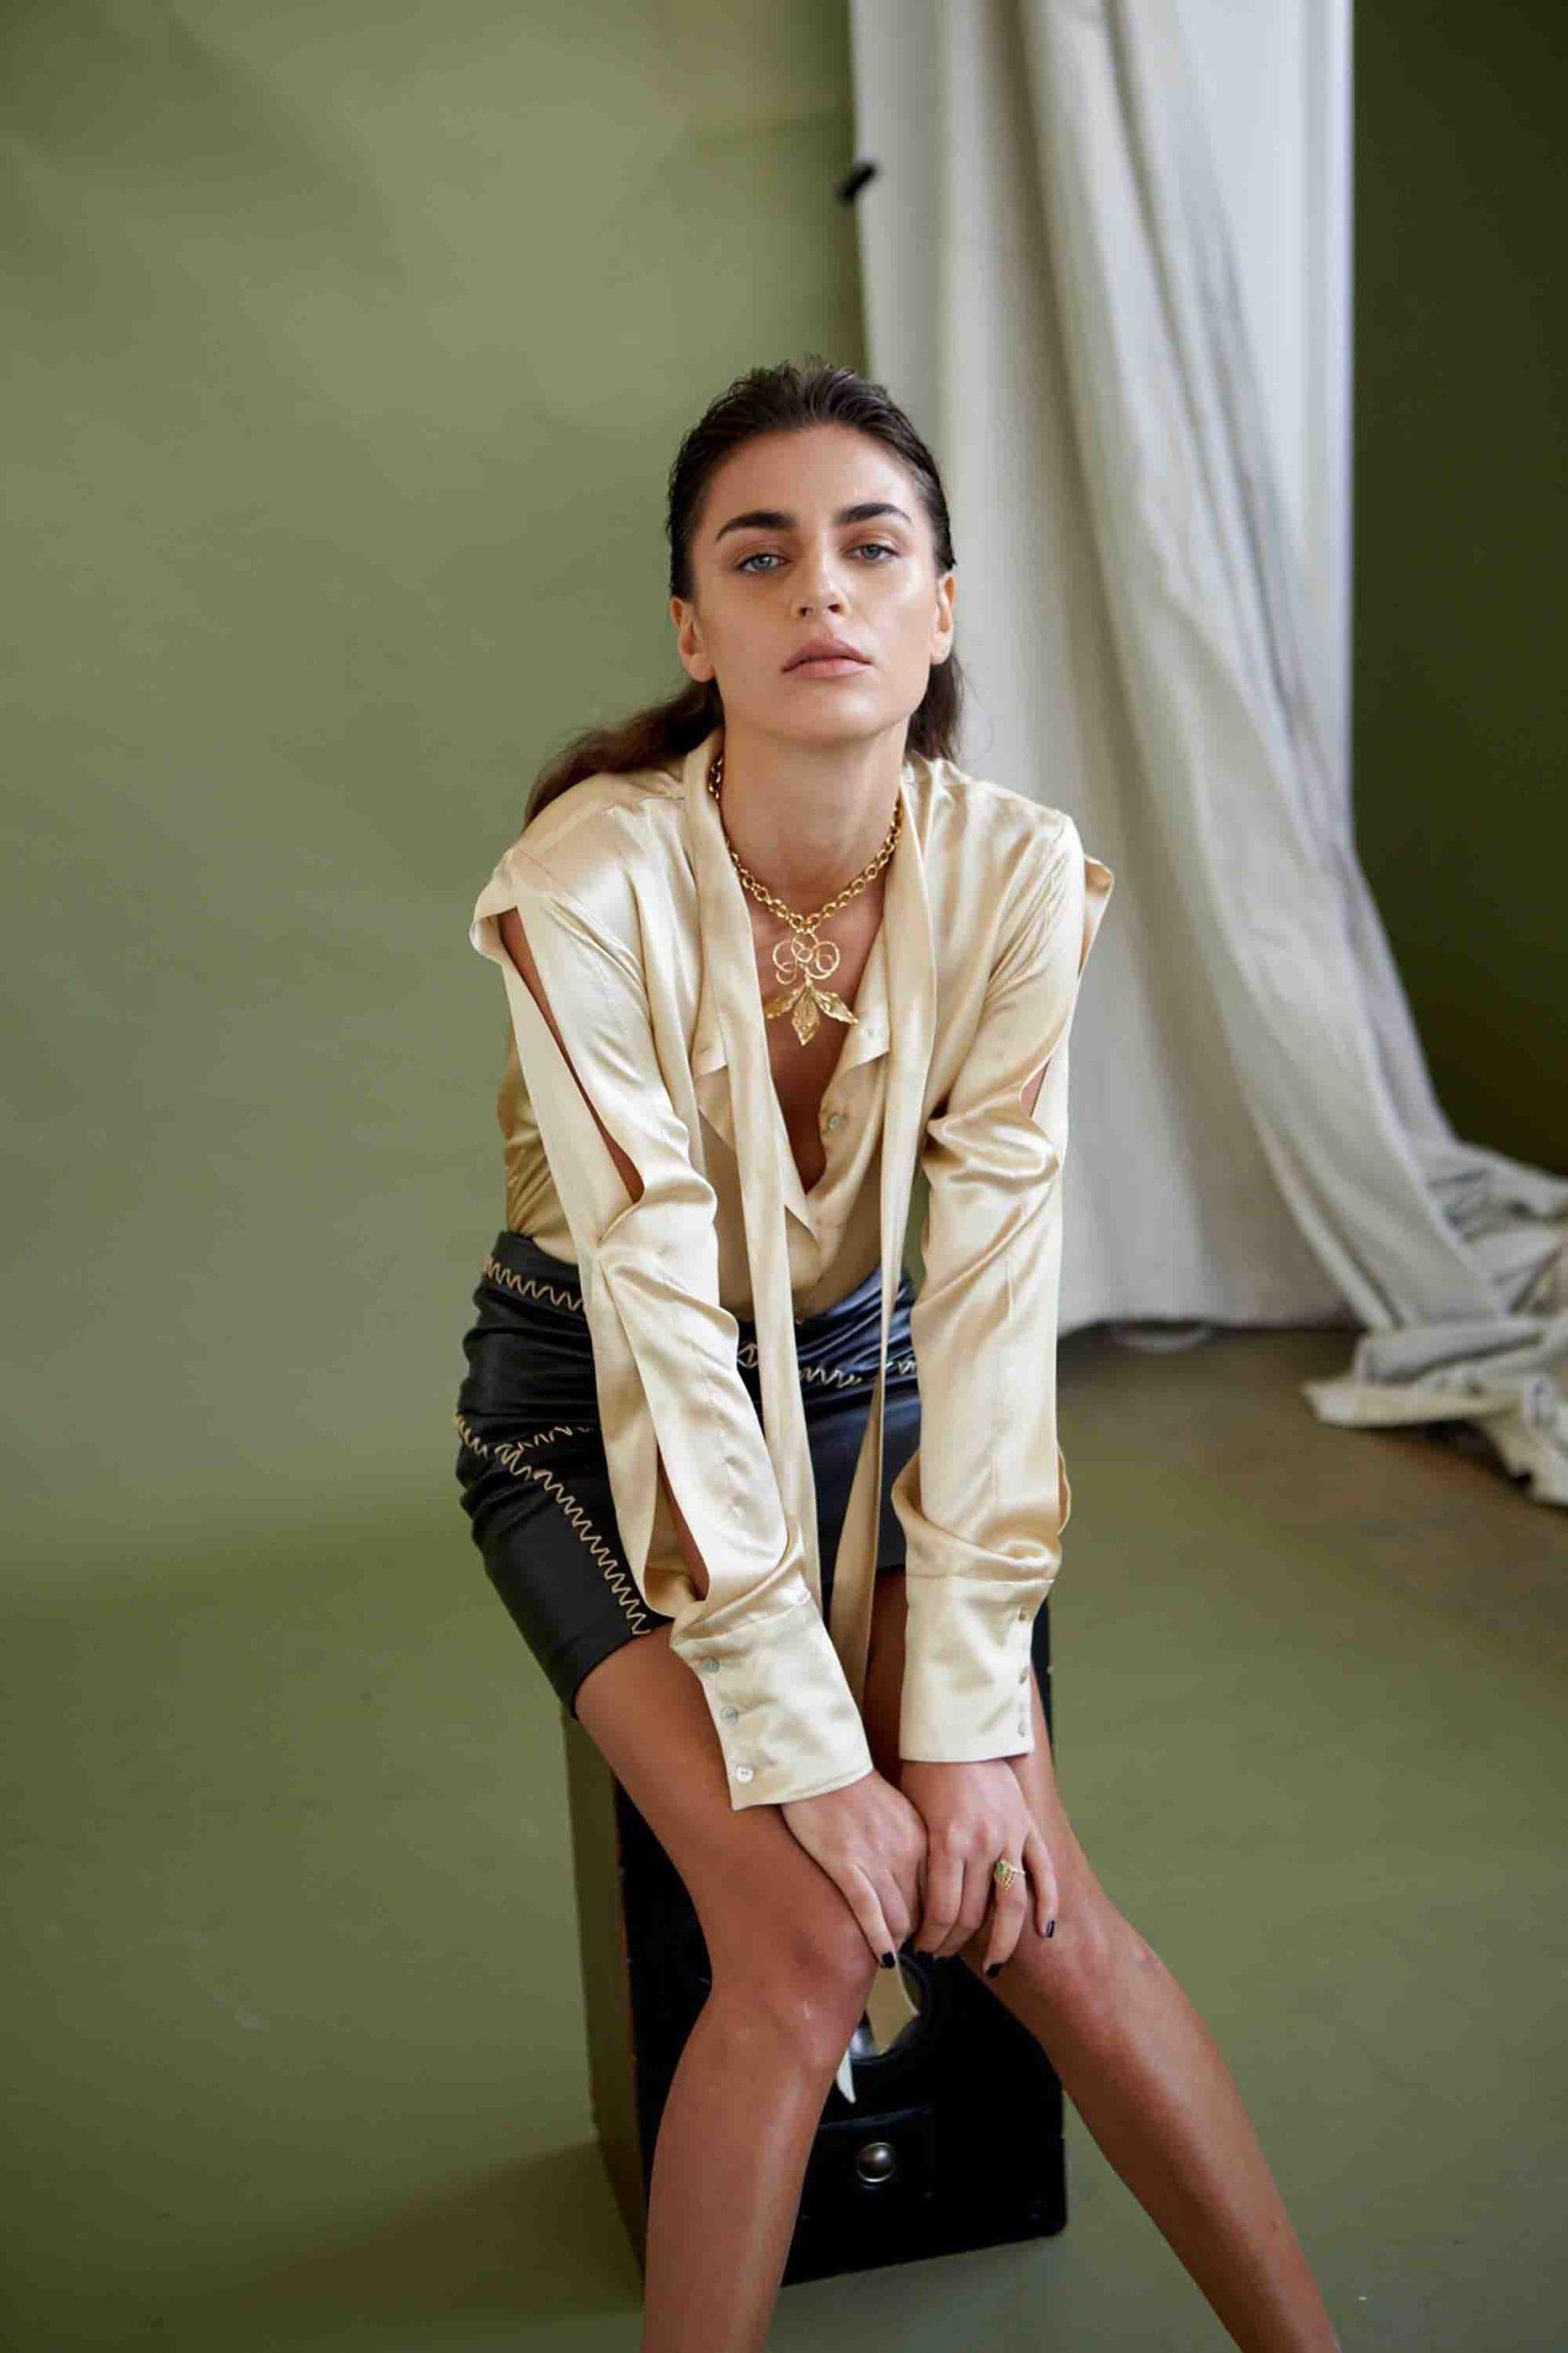 קובי גולן, Kobi Golan, מעצב אופנה, קולקציית אופנה 2020, מגזין אופנה, כתבות אופנה, הילה שייר, אופנה, מגזין אופנה ישראלי -15